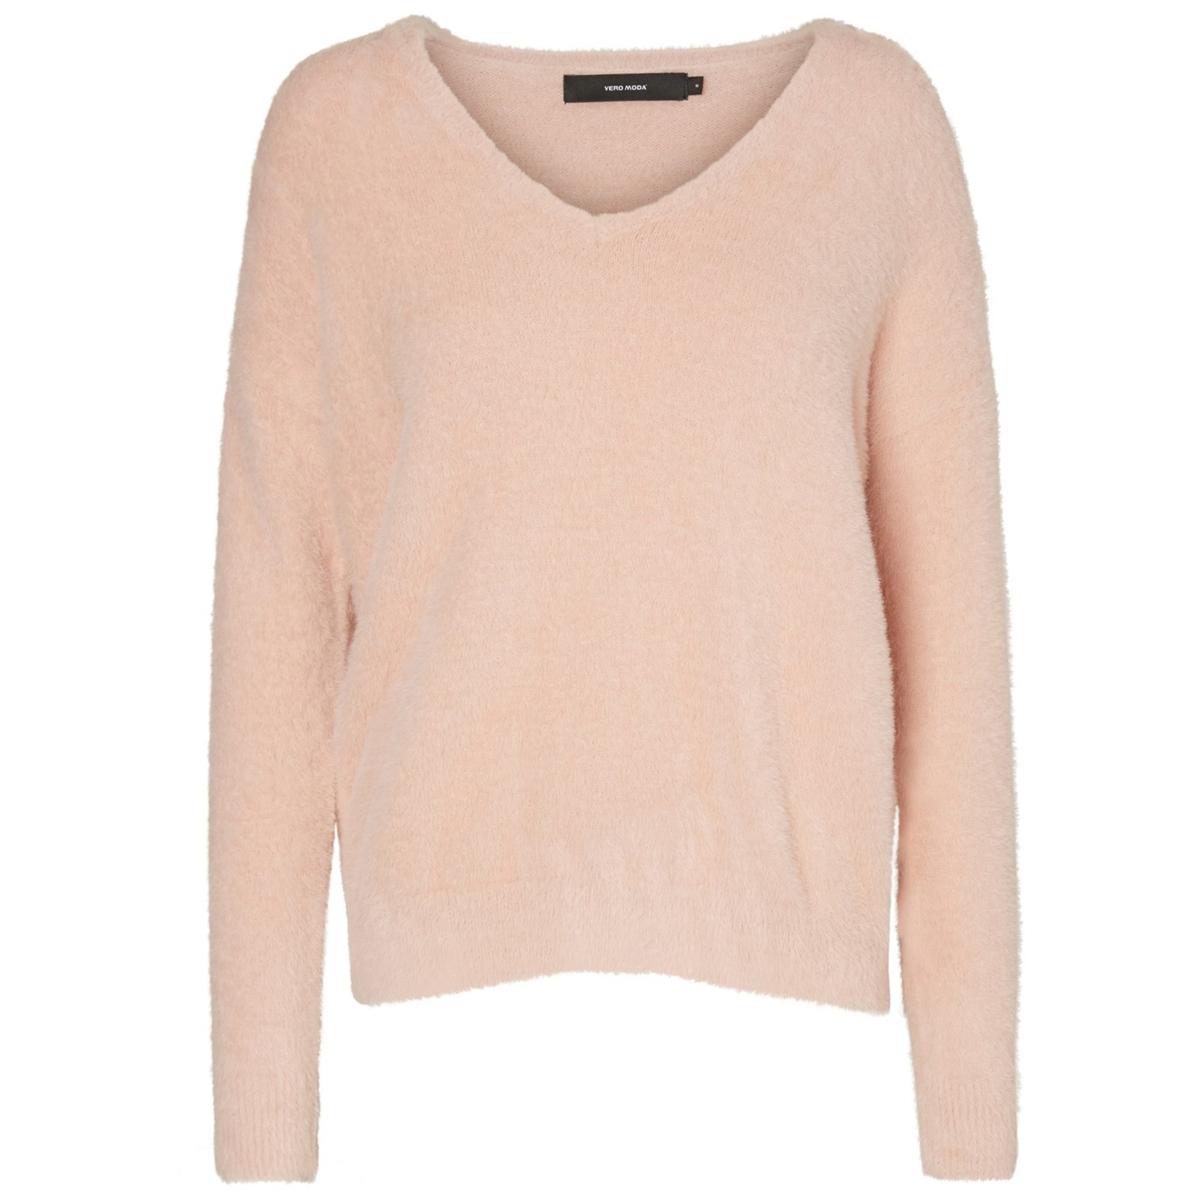 Пуловер с V-образным вырезом из тонкого трикотажаОписание:Детали •  Длинные рукава •   V-образный вырез •  Тонкий трикотаж Состав и уход •  100% полиамид  •  Следуйте советам по уходу, указанным на этикетке<br><br>Цвет: розовый<br>Размер: S